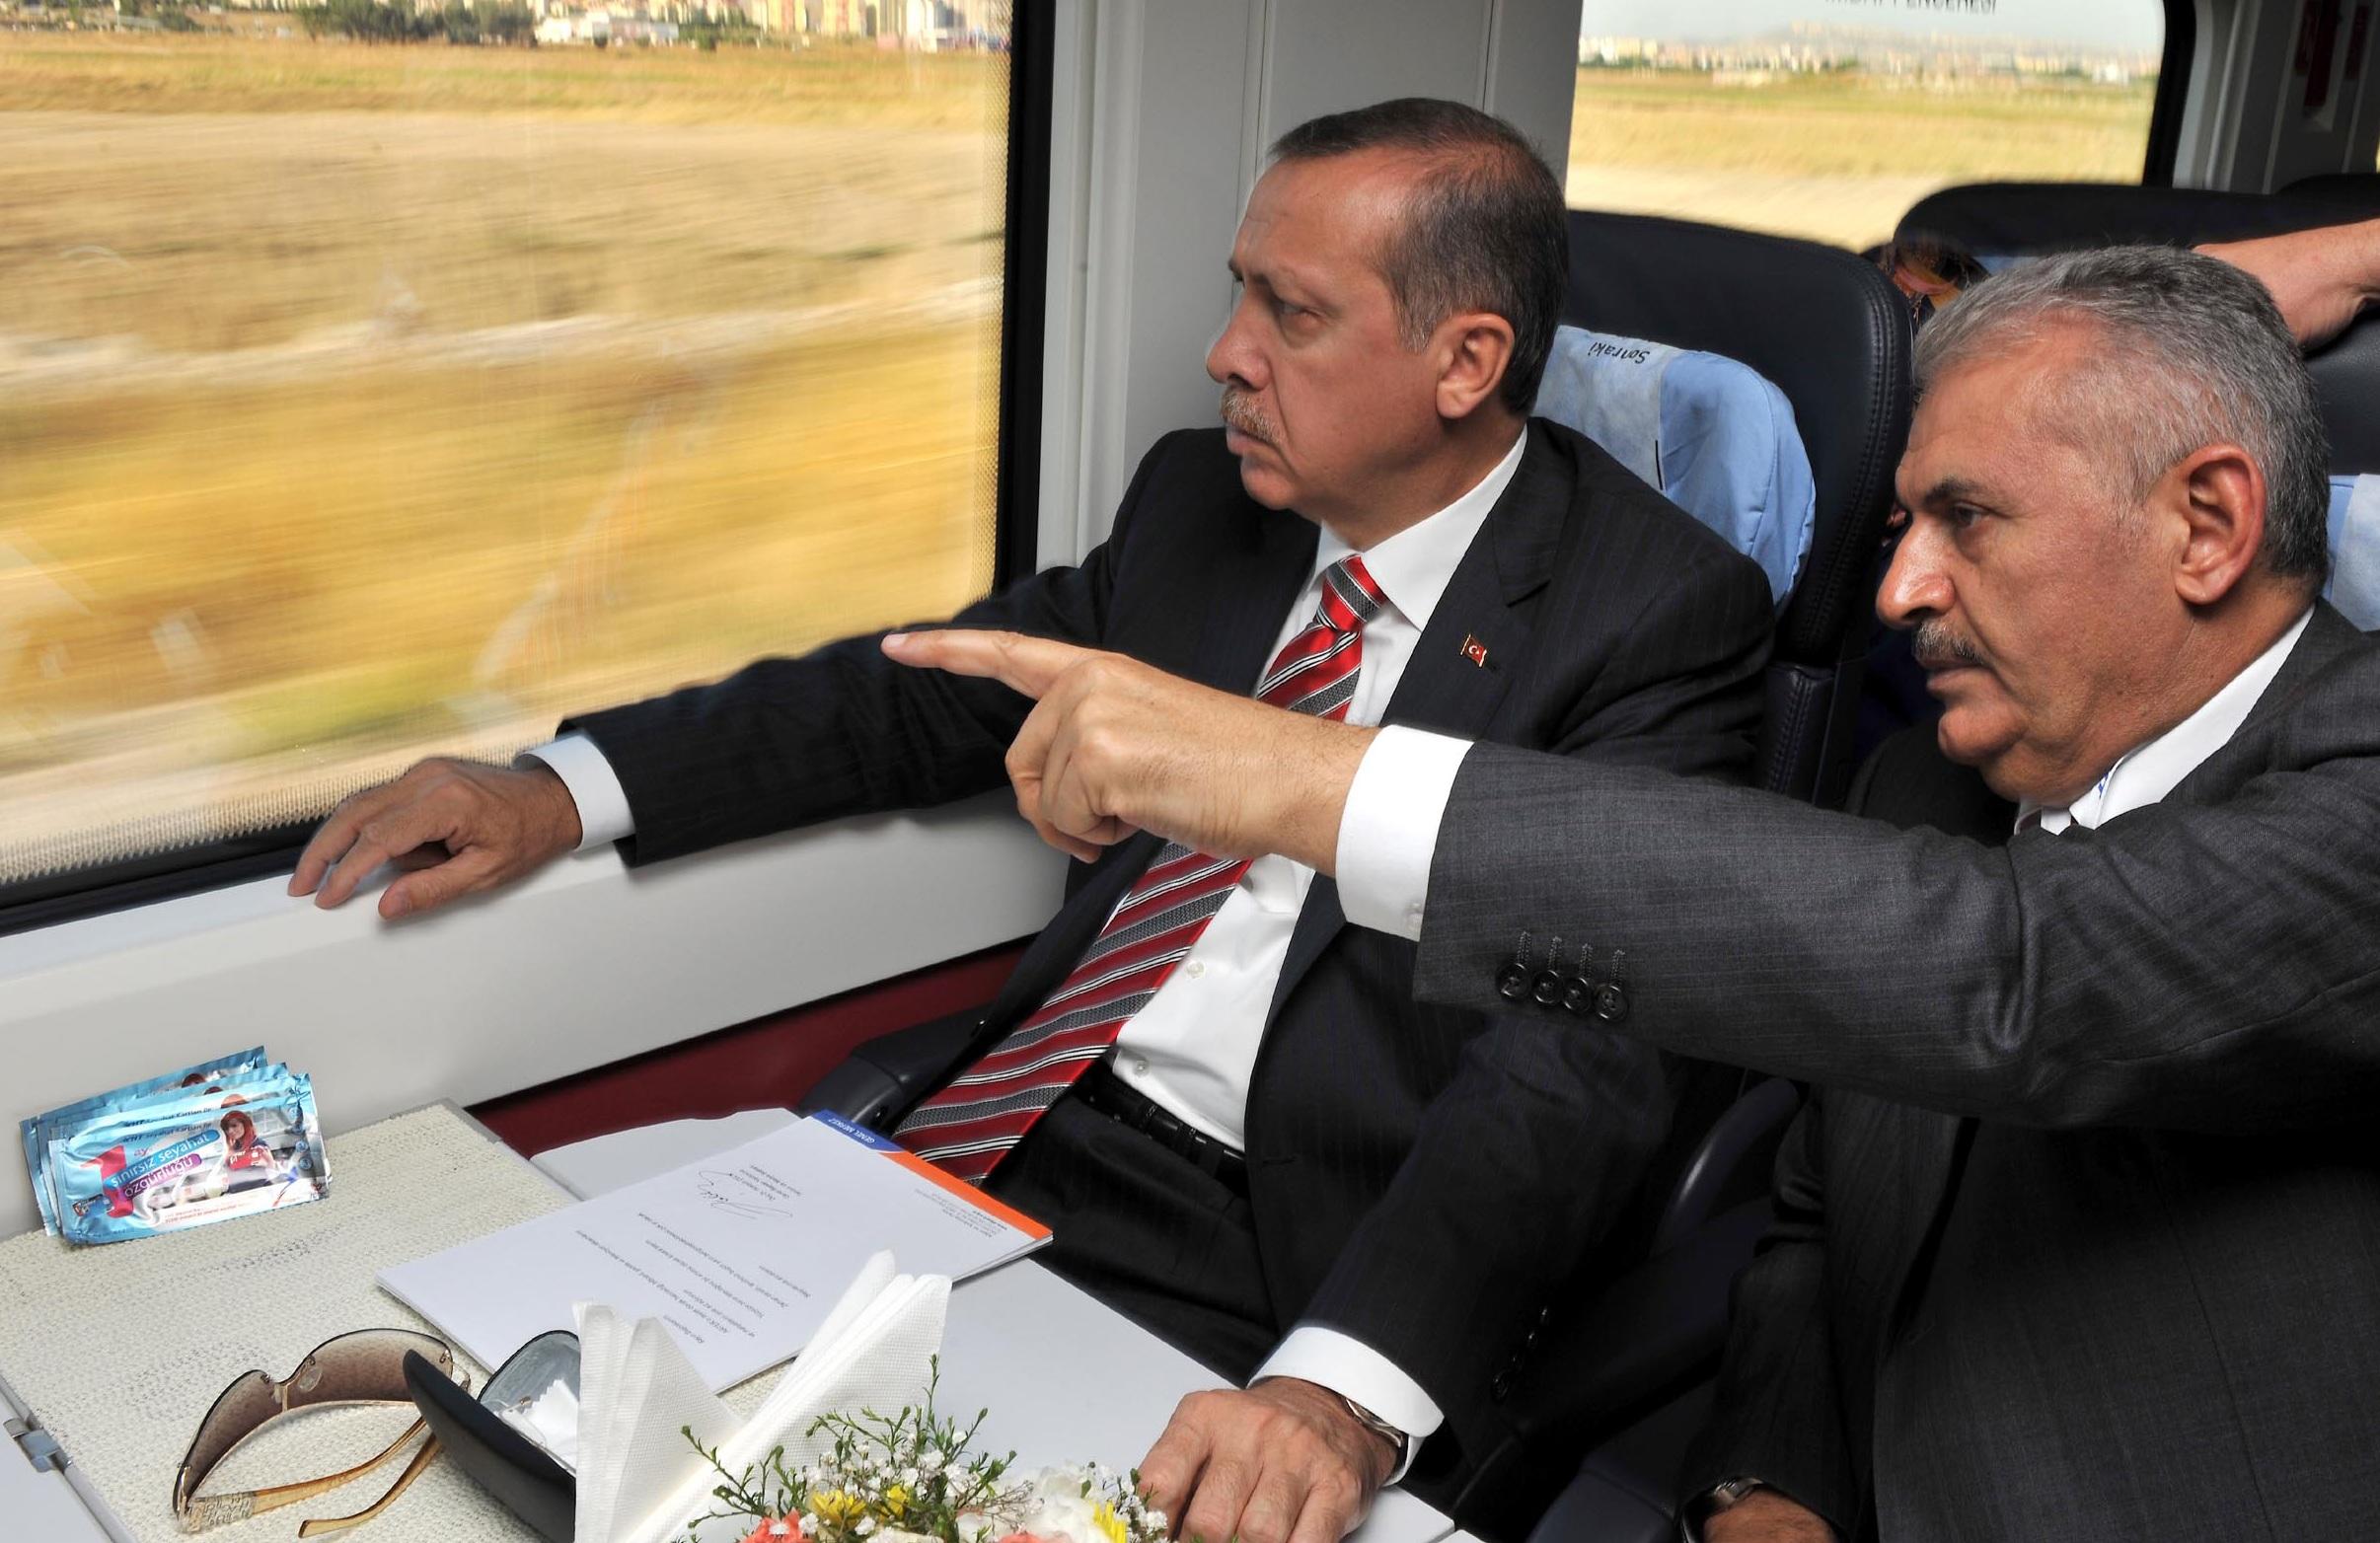 Un fidèle d'Erdogan devient chef du parti au pouvoir et du gouvernement turc